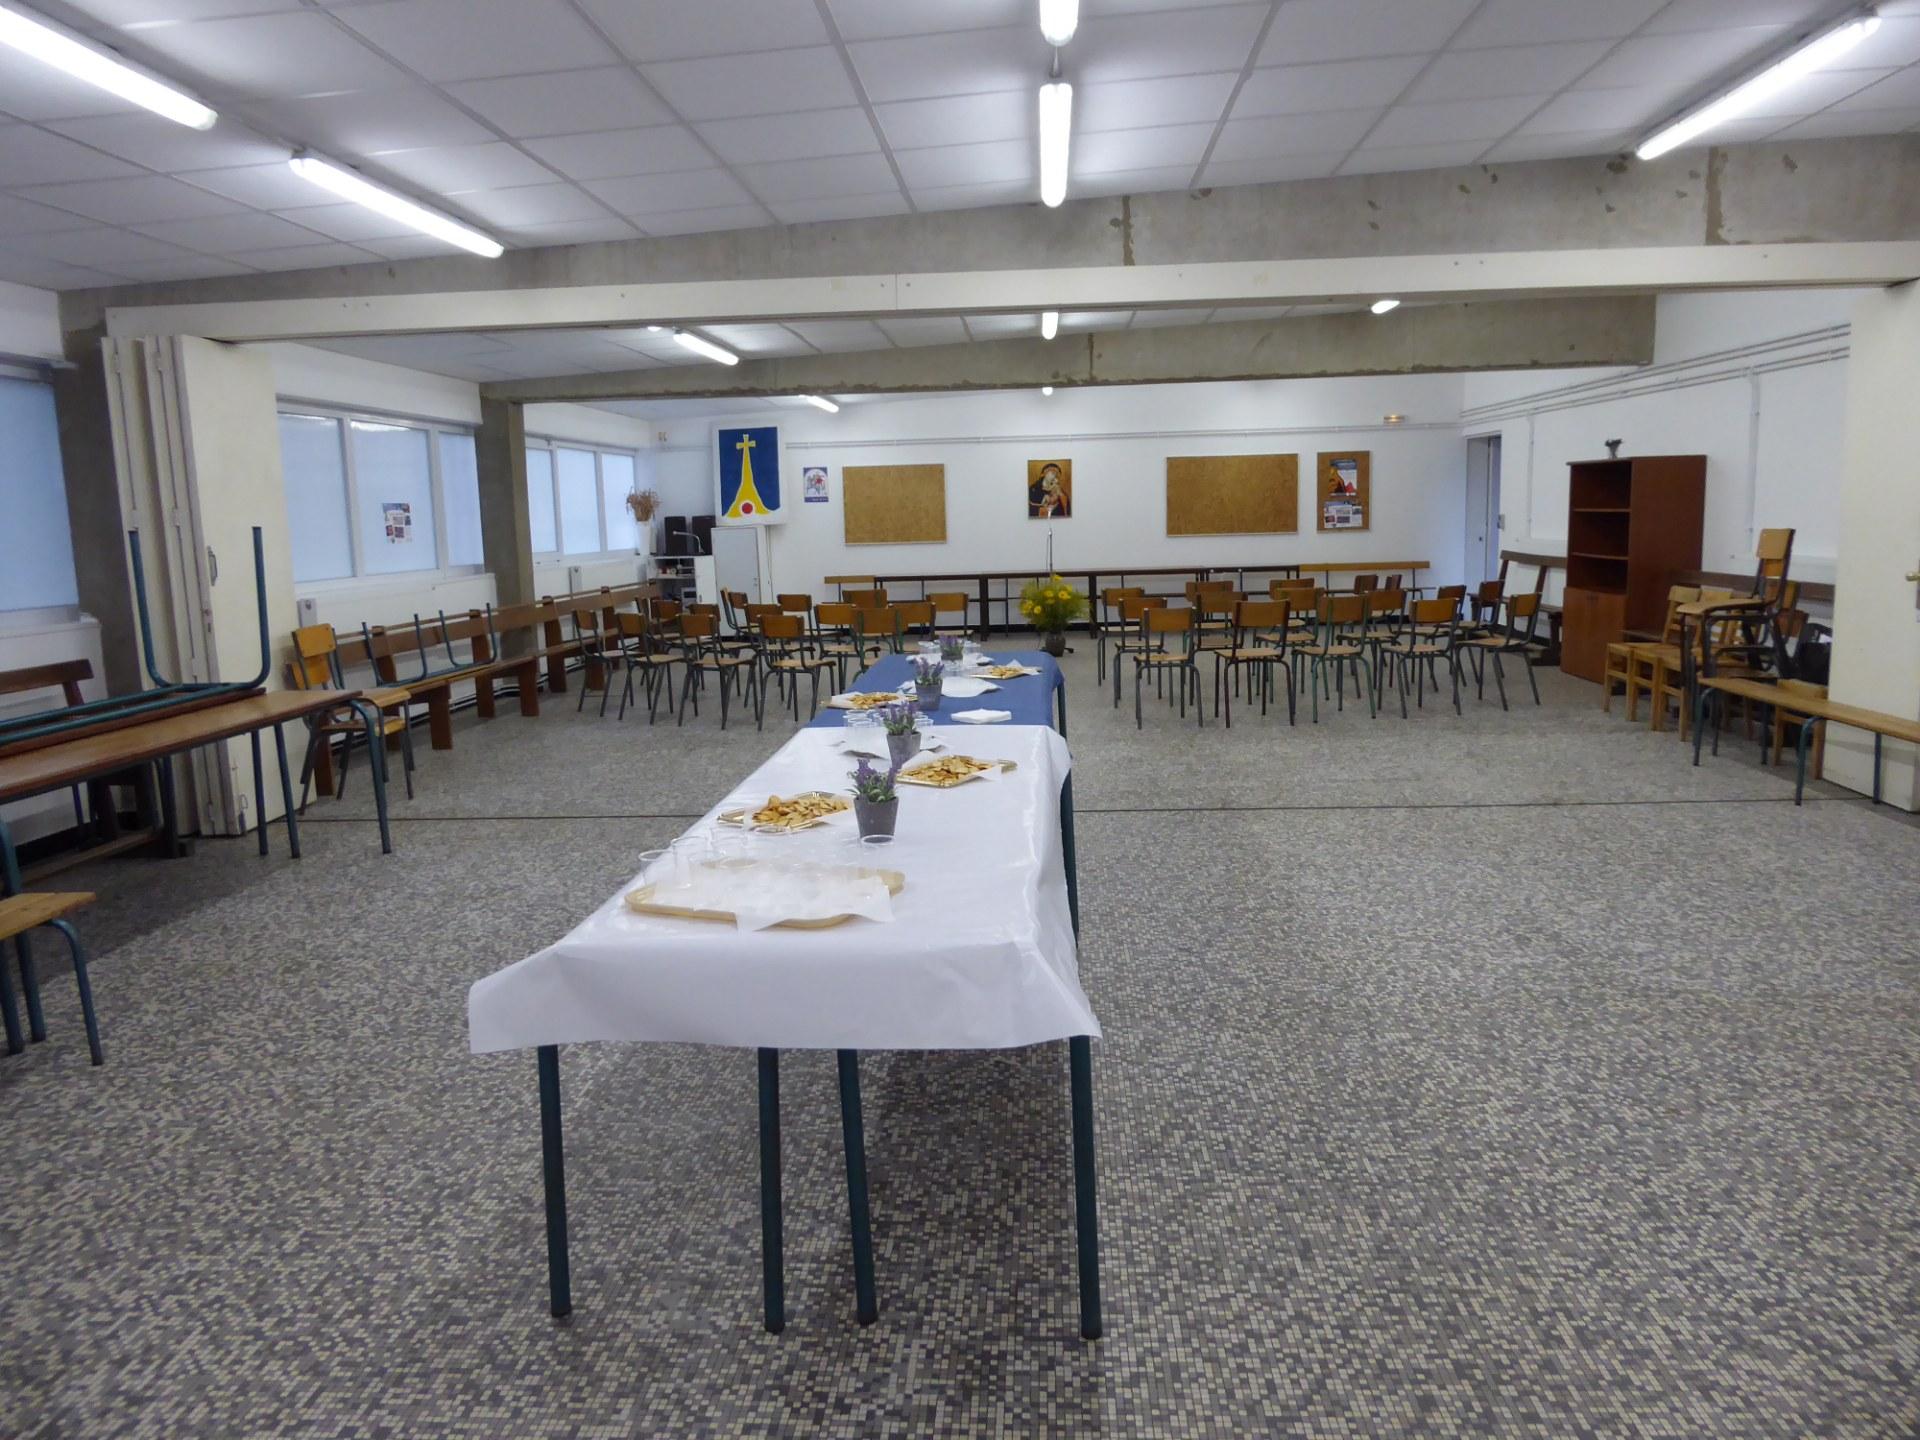 La grande salle prête à recevoir les invités du jour